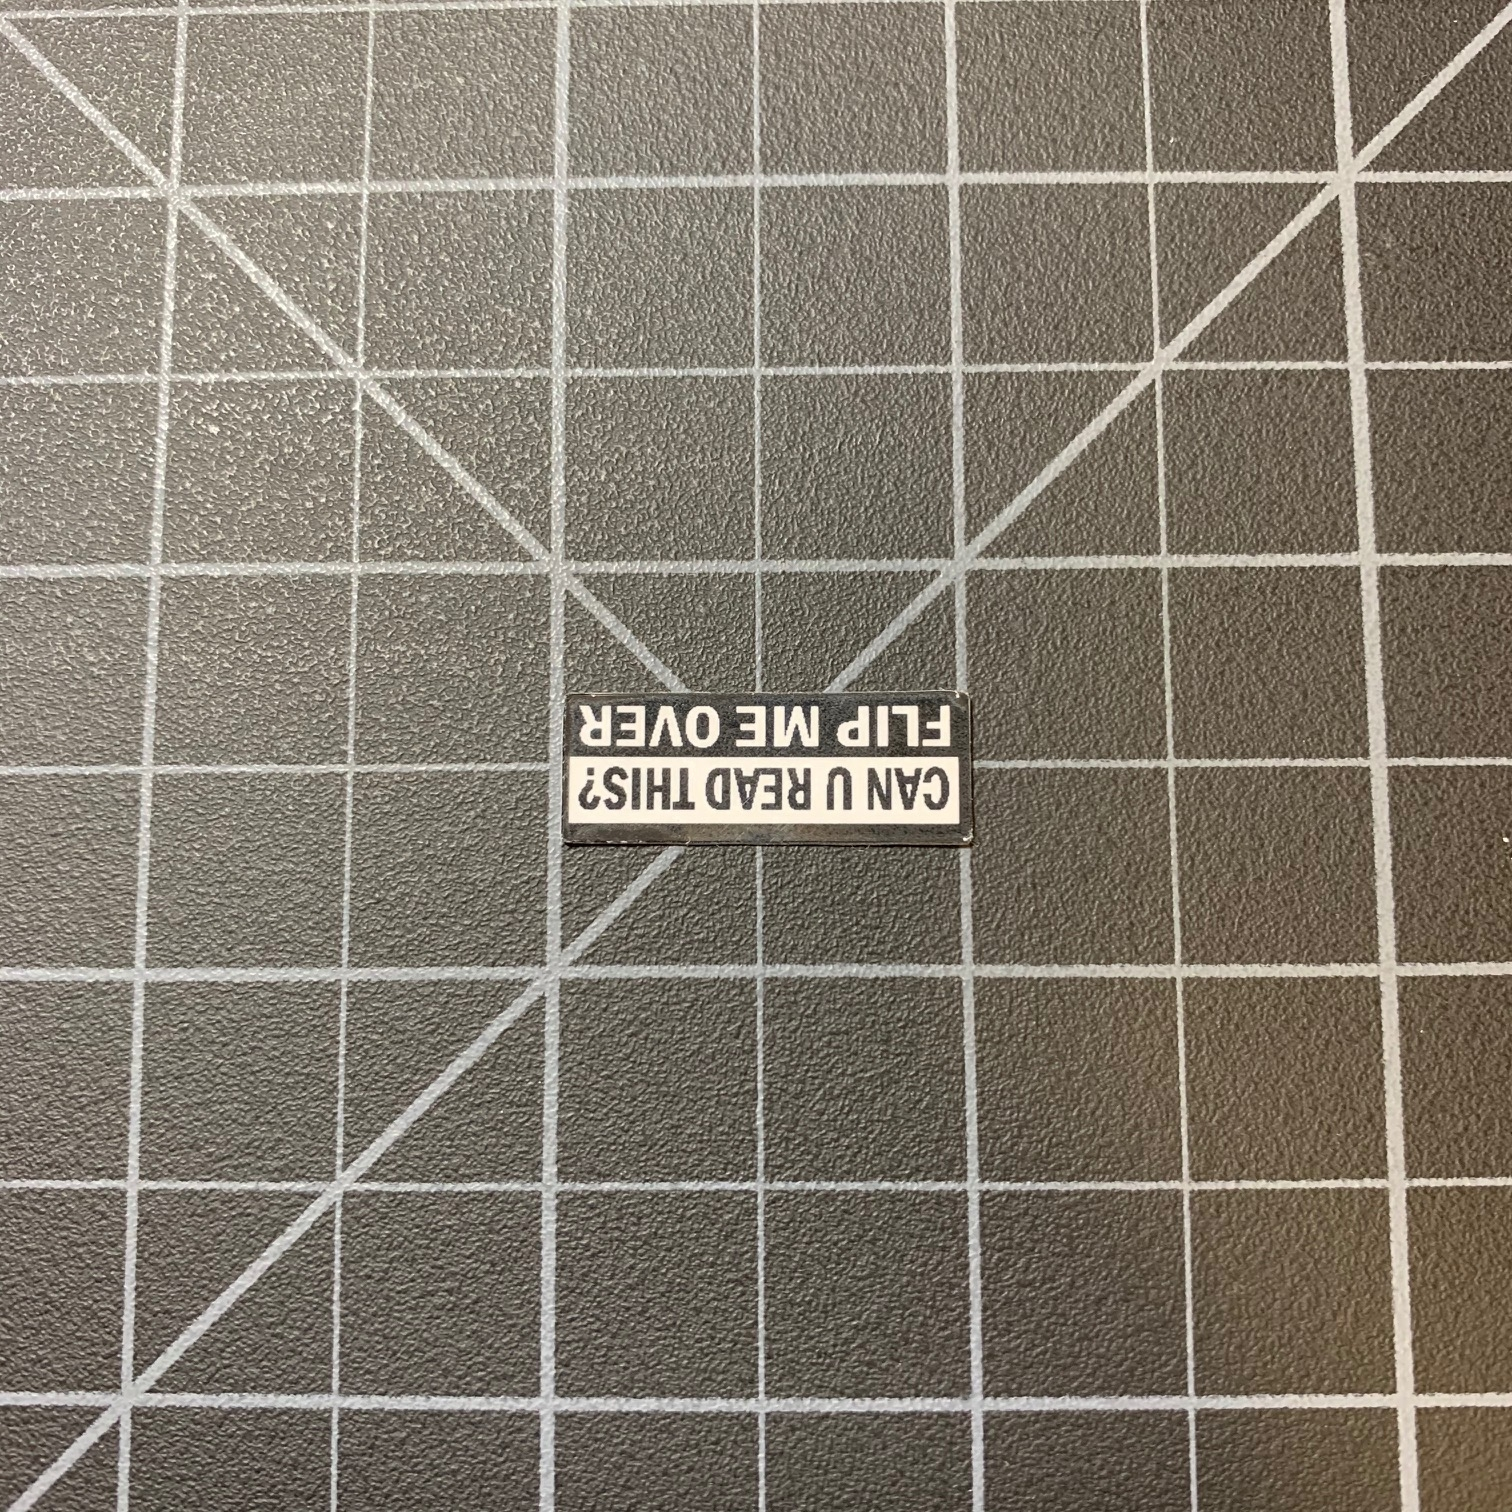 RC Bumper Sticker Decals - Scale Bumper Stickers